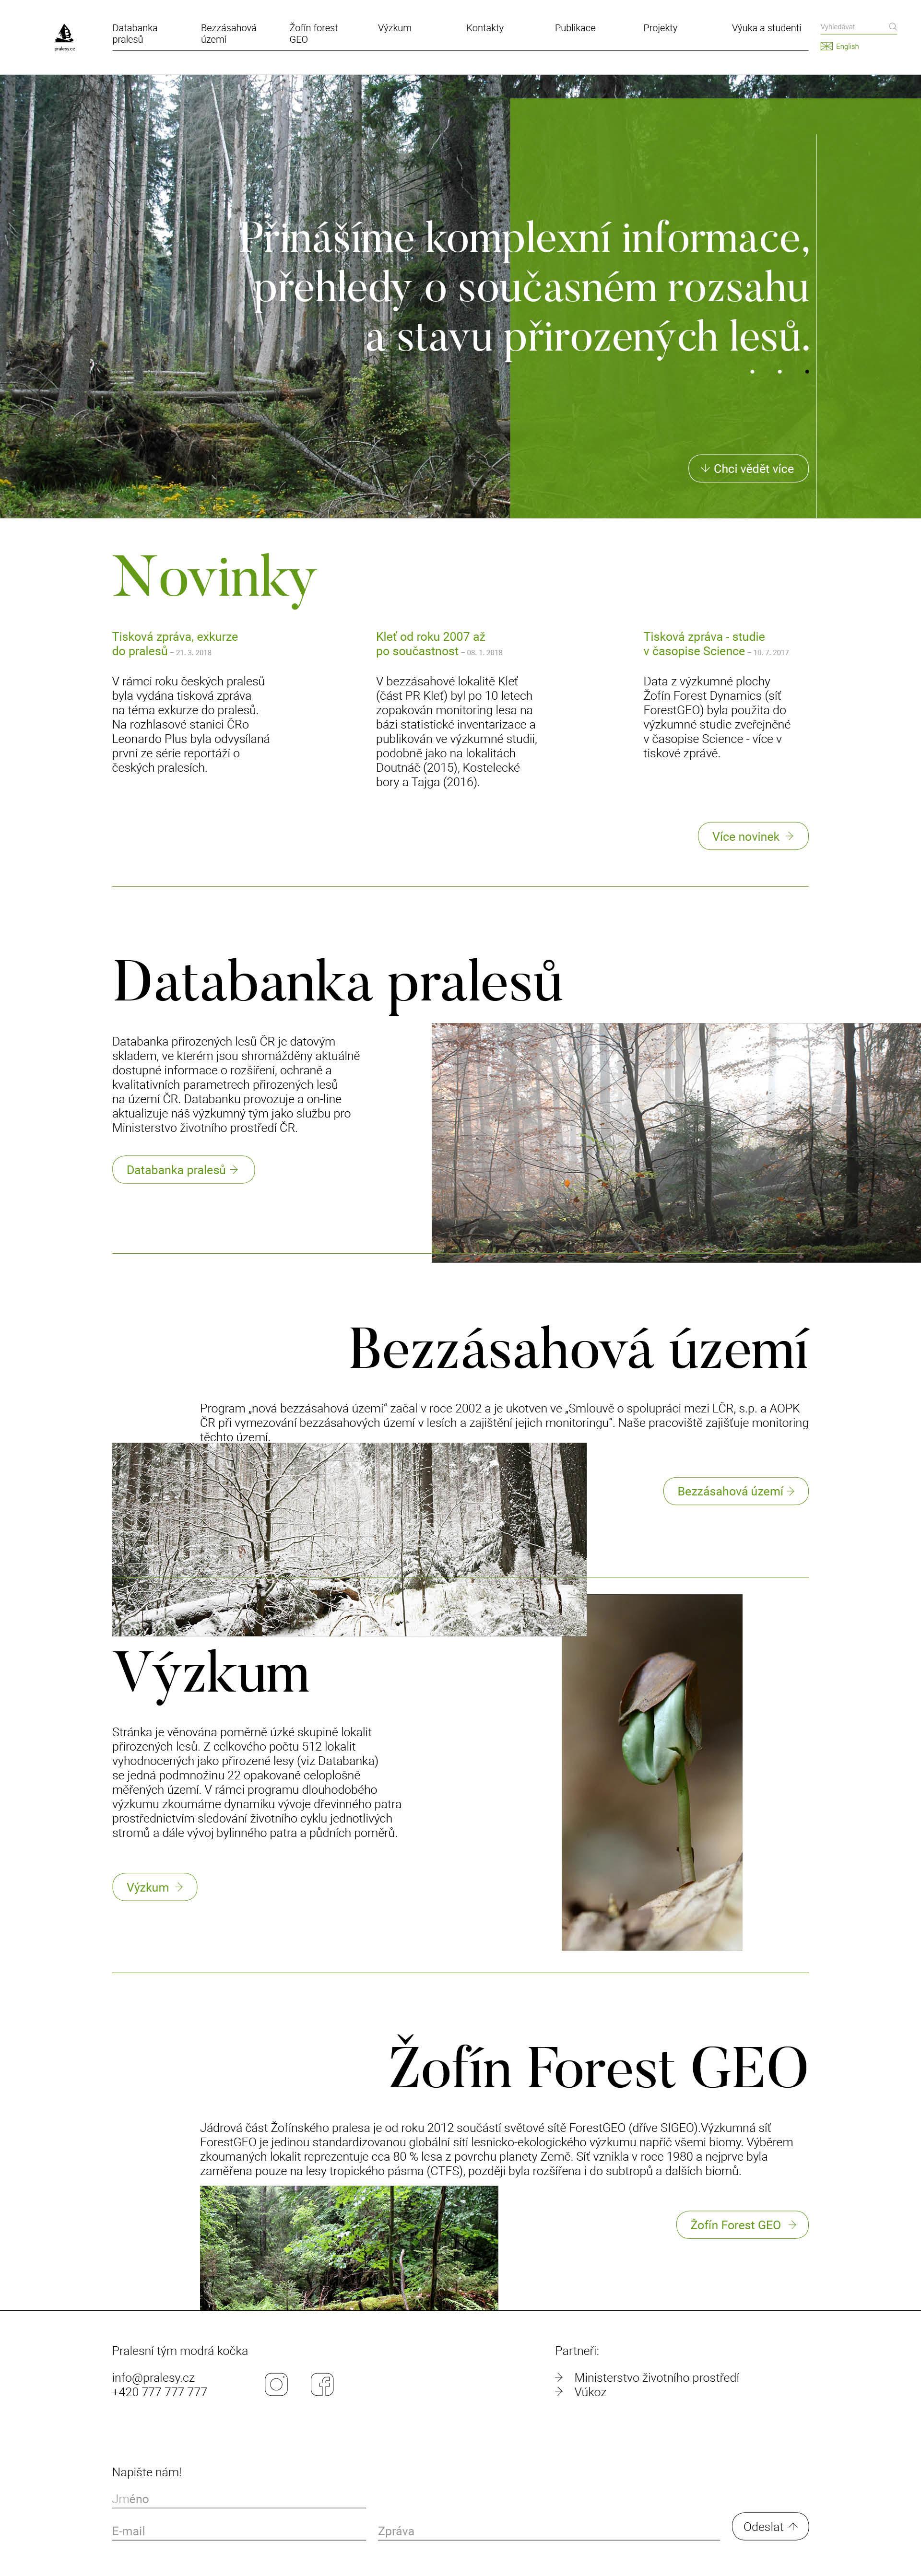 Pralesy ČR - realizace, Web design